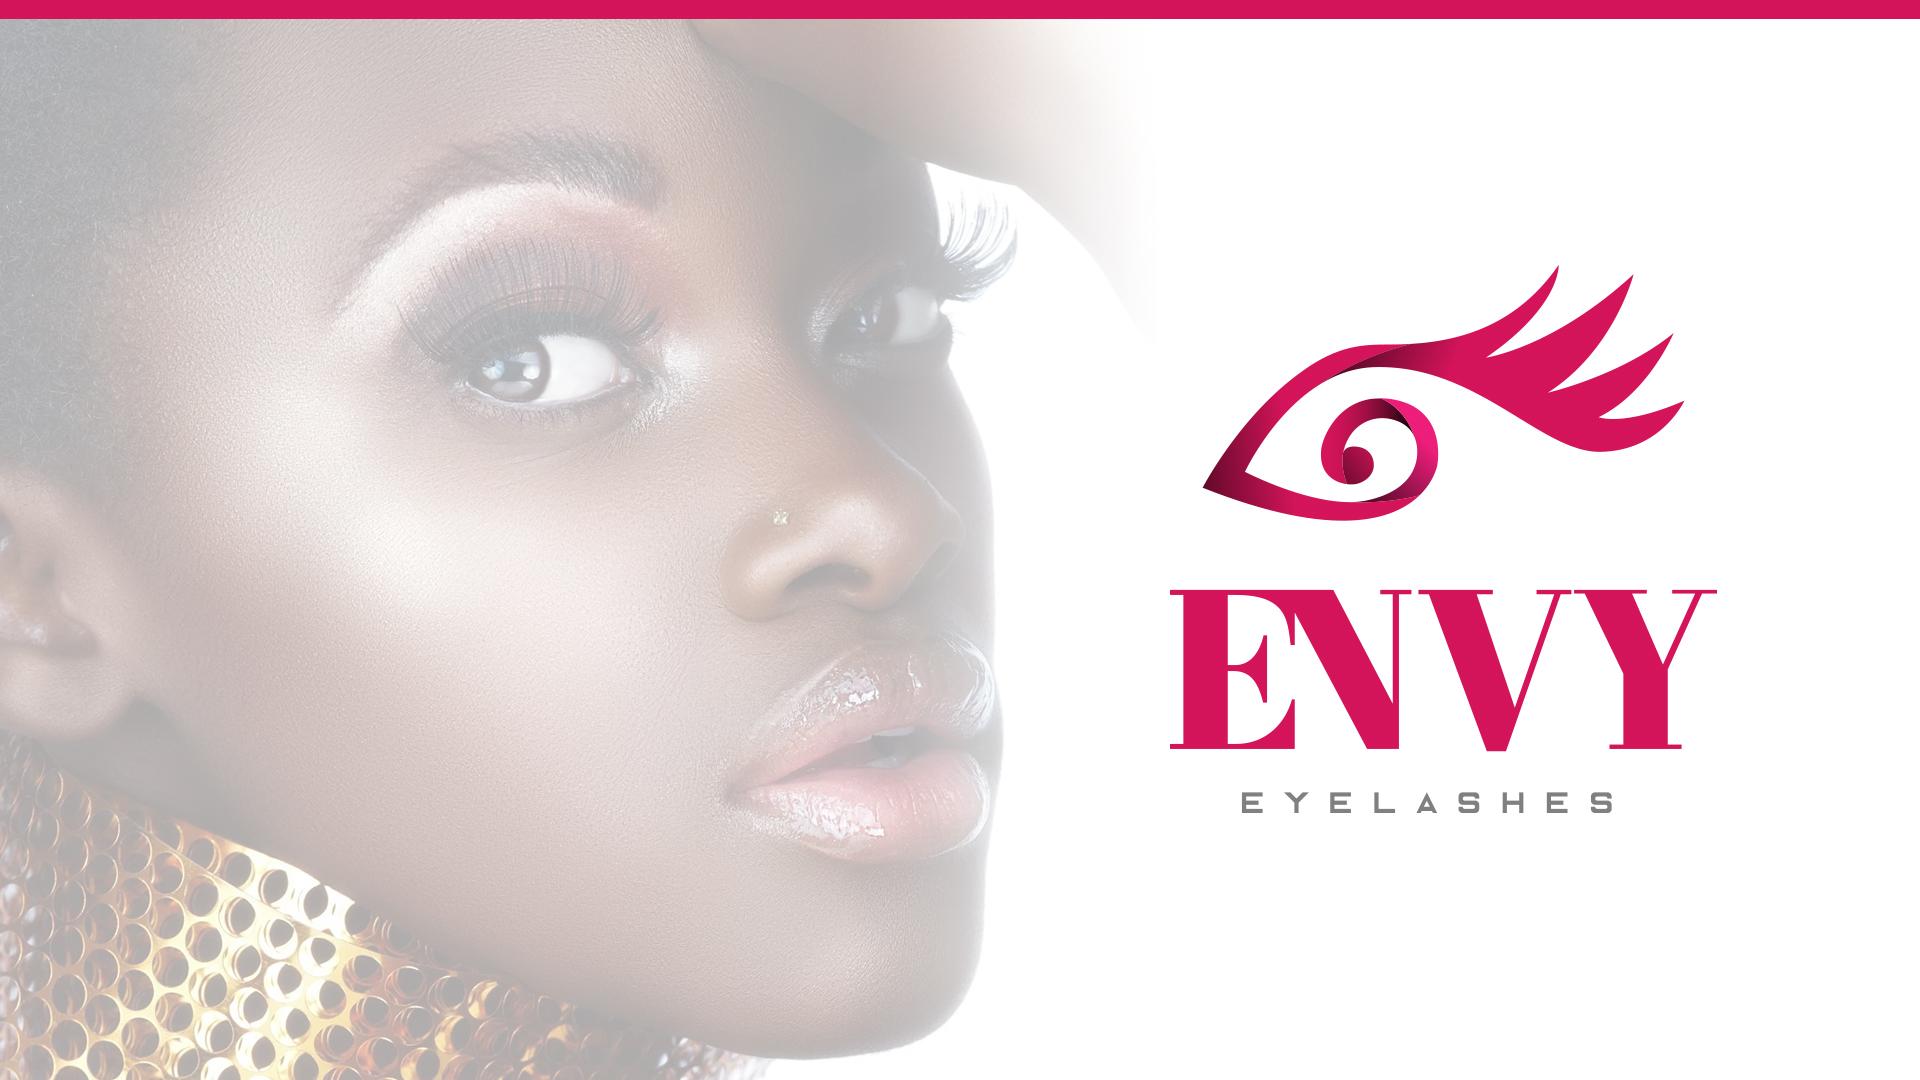 ENVY Eyelash Presentation.jpg